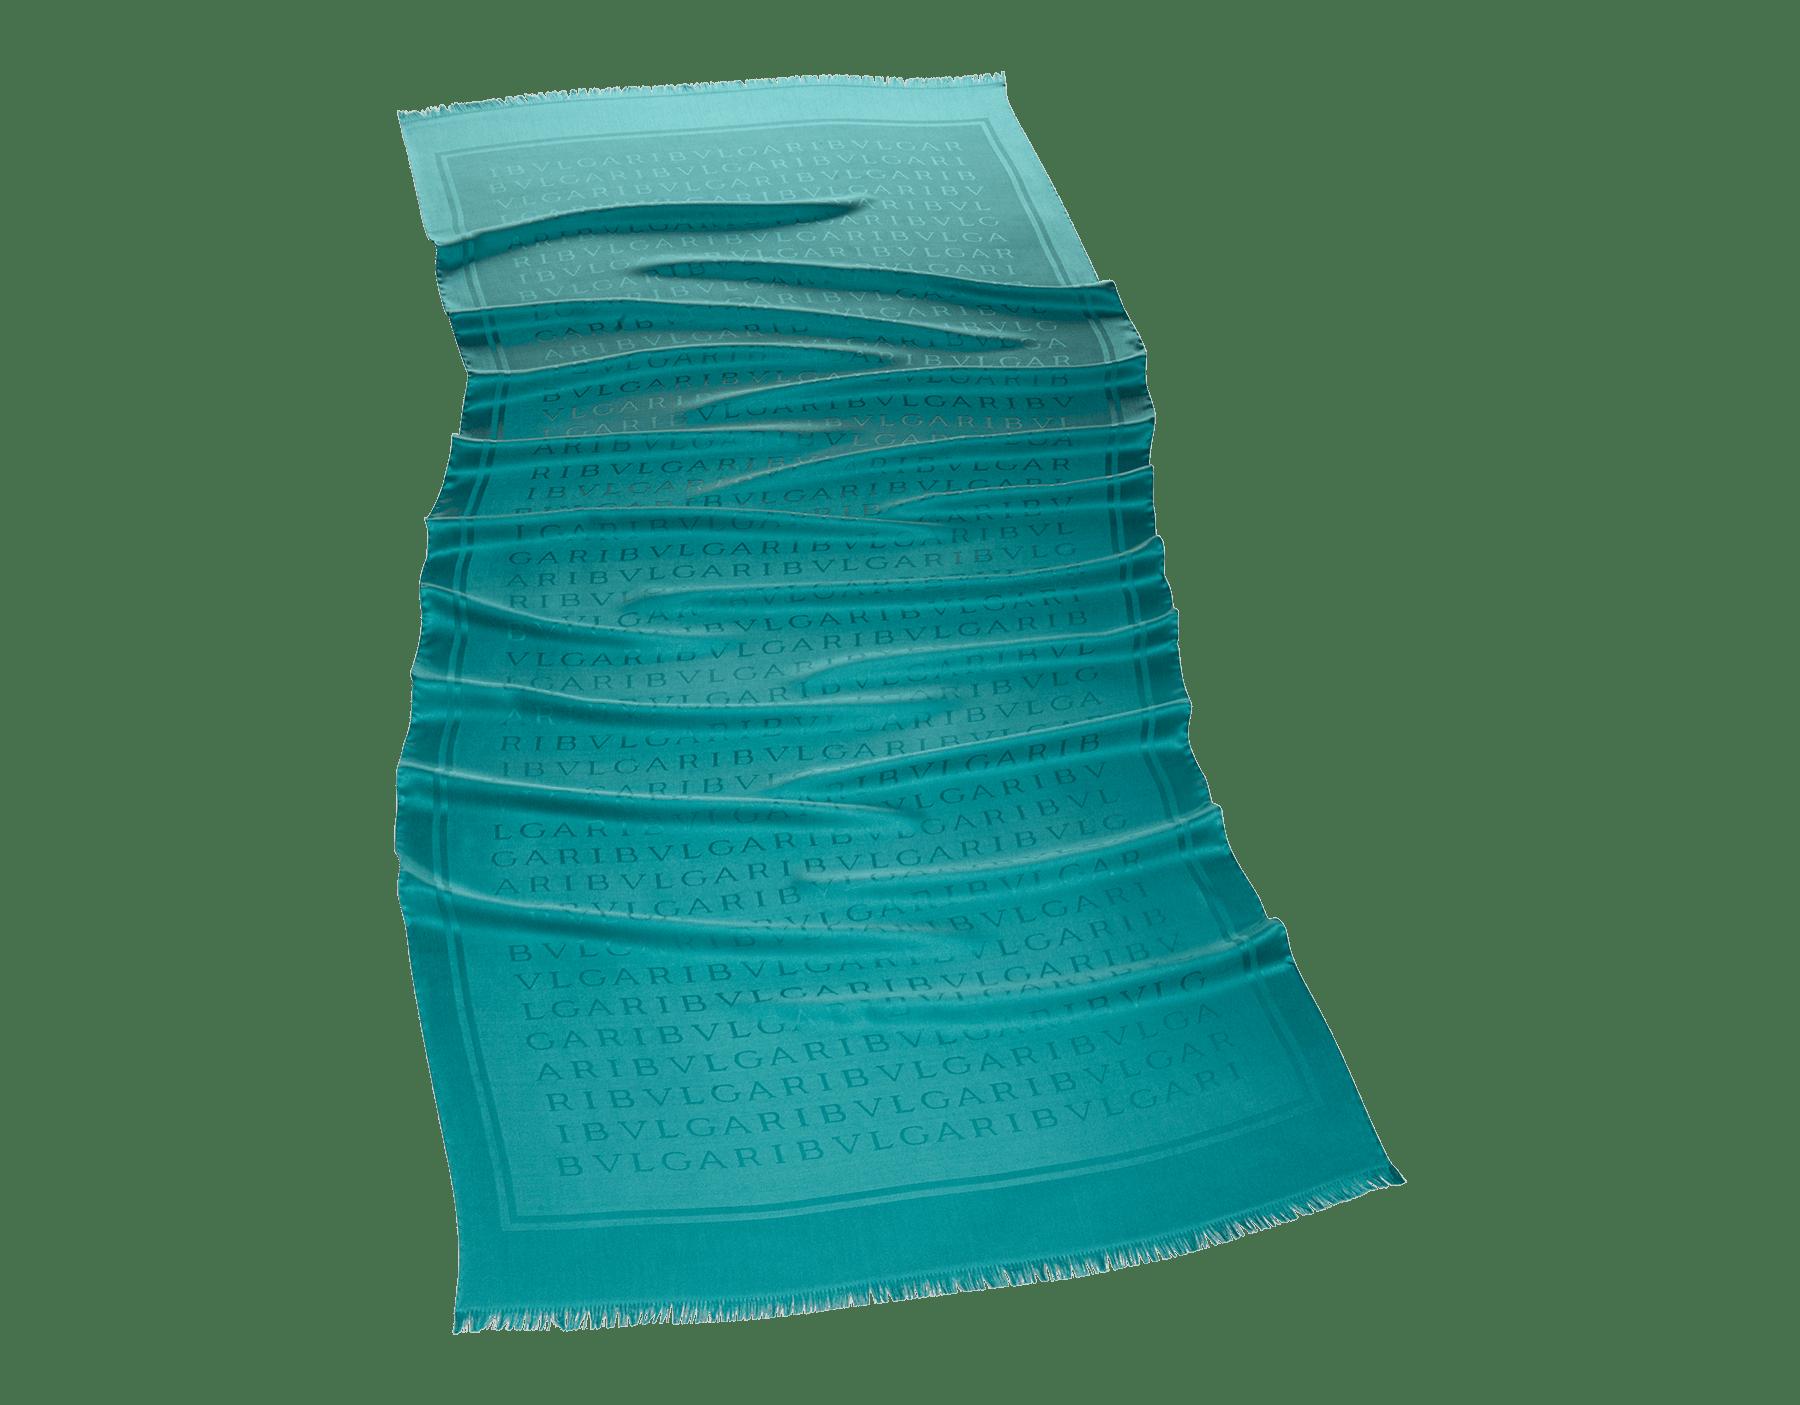 Étole Lettere Maxi Light couleur Arctic Jade en soie fine. 244050 image 2